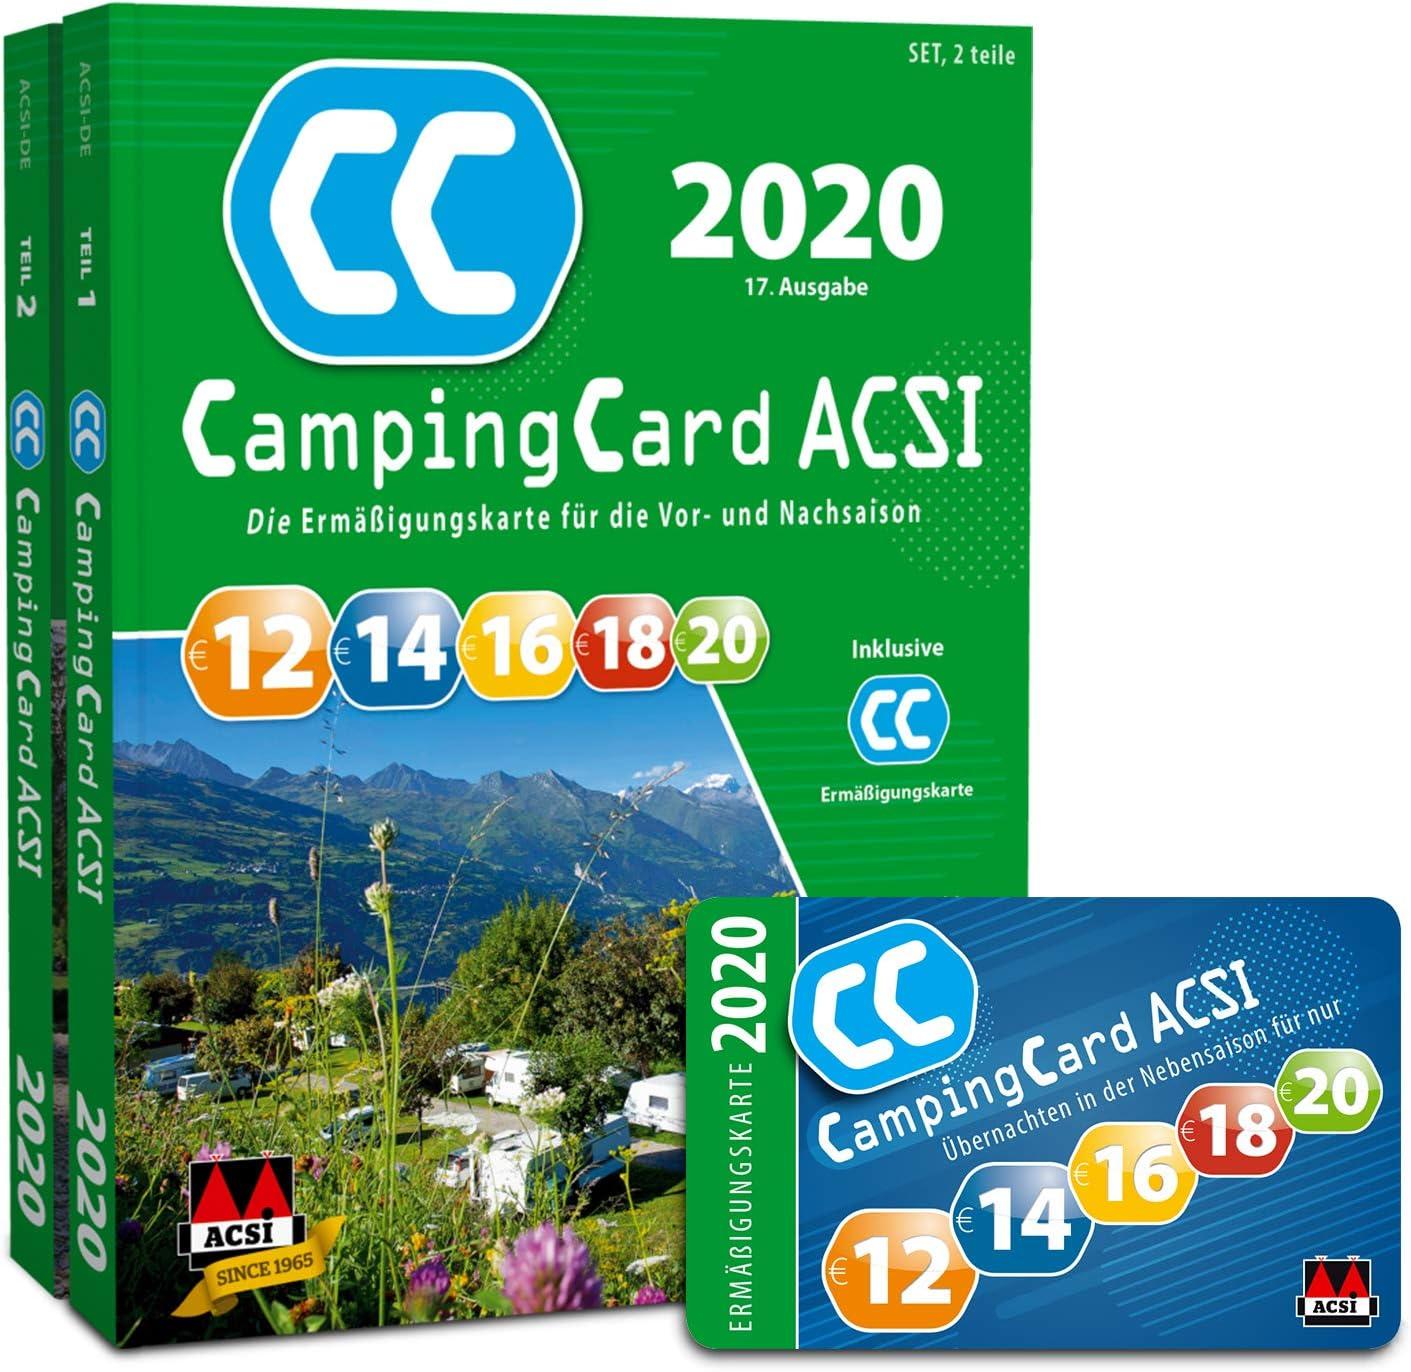 CampingCard ACSI 2020 - Edición alemana: ASCI: Amazon.es: Deportes y aire libre